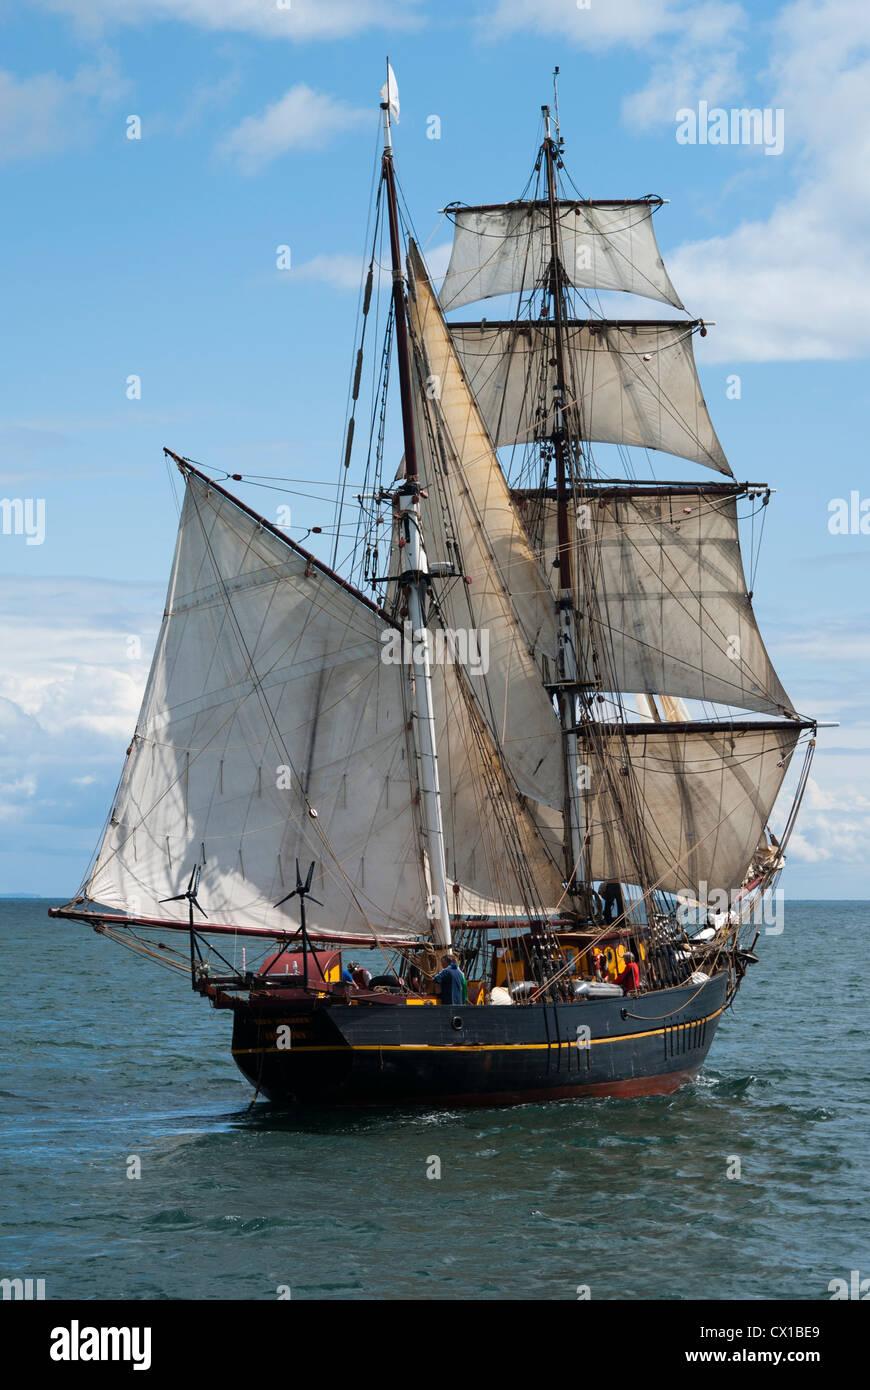 Tall Ship, la nave a vela e la Nave da carico, Brigadine Tres Hombres, due alberi e piazza goletta truccate Foto Stock